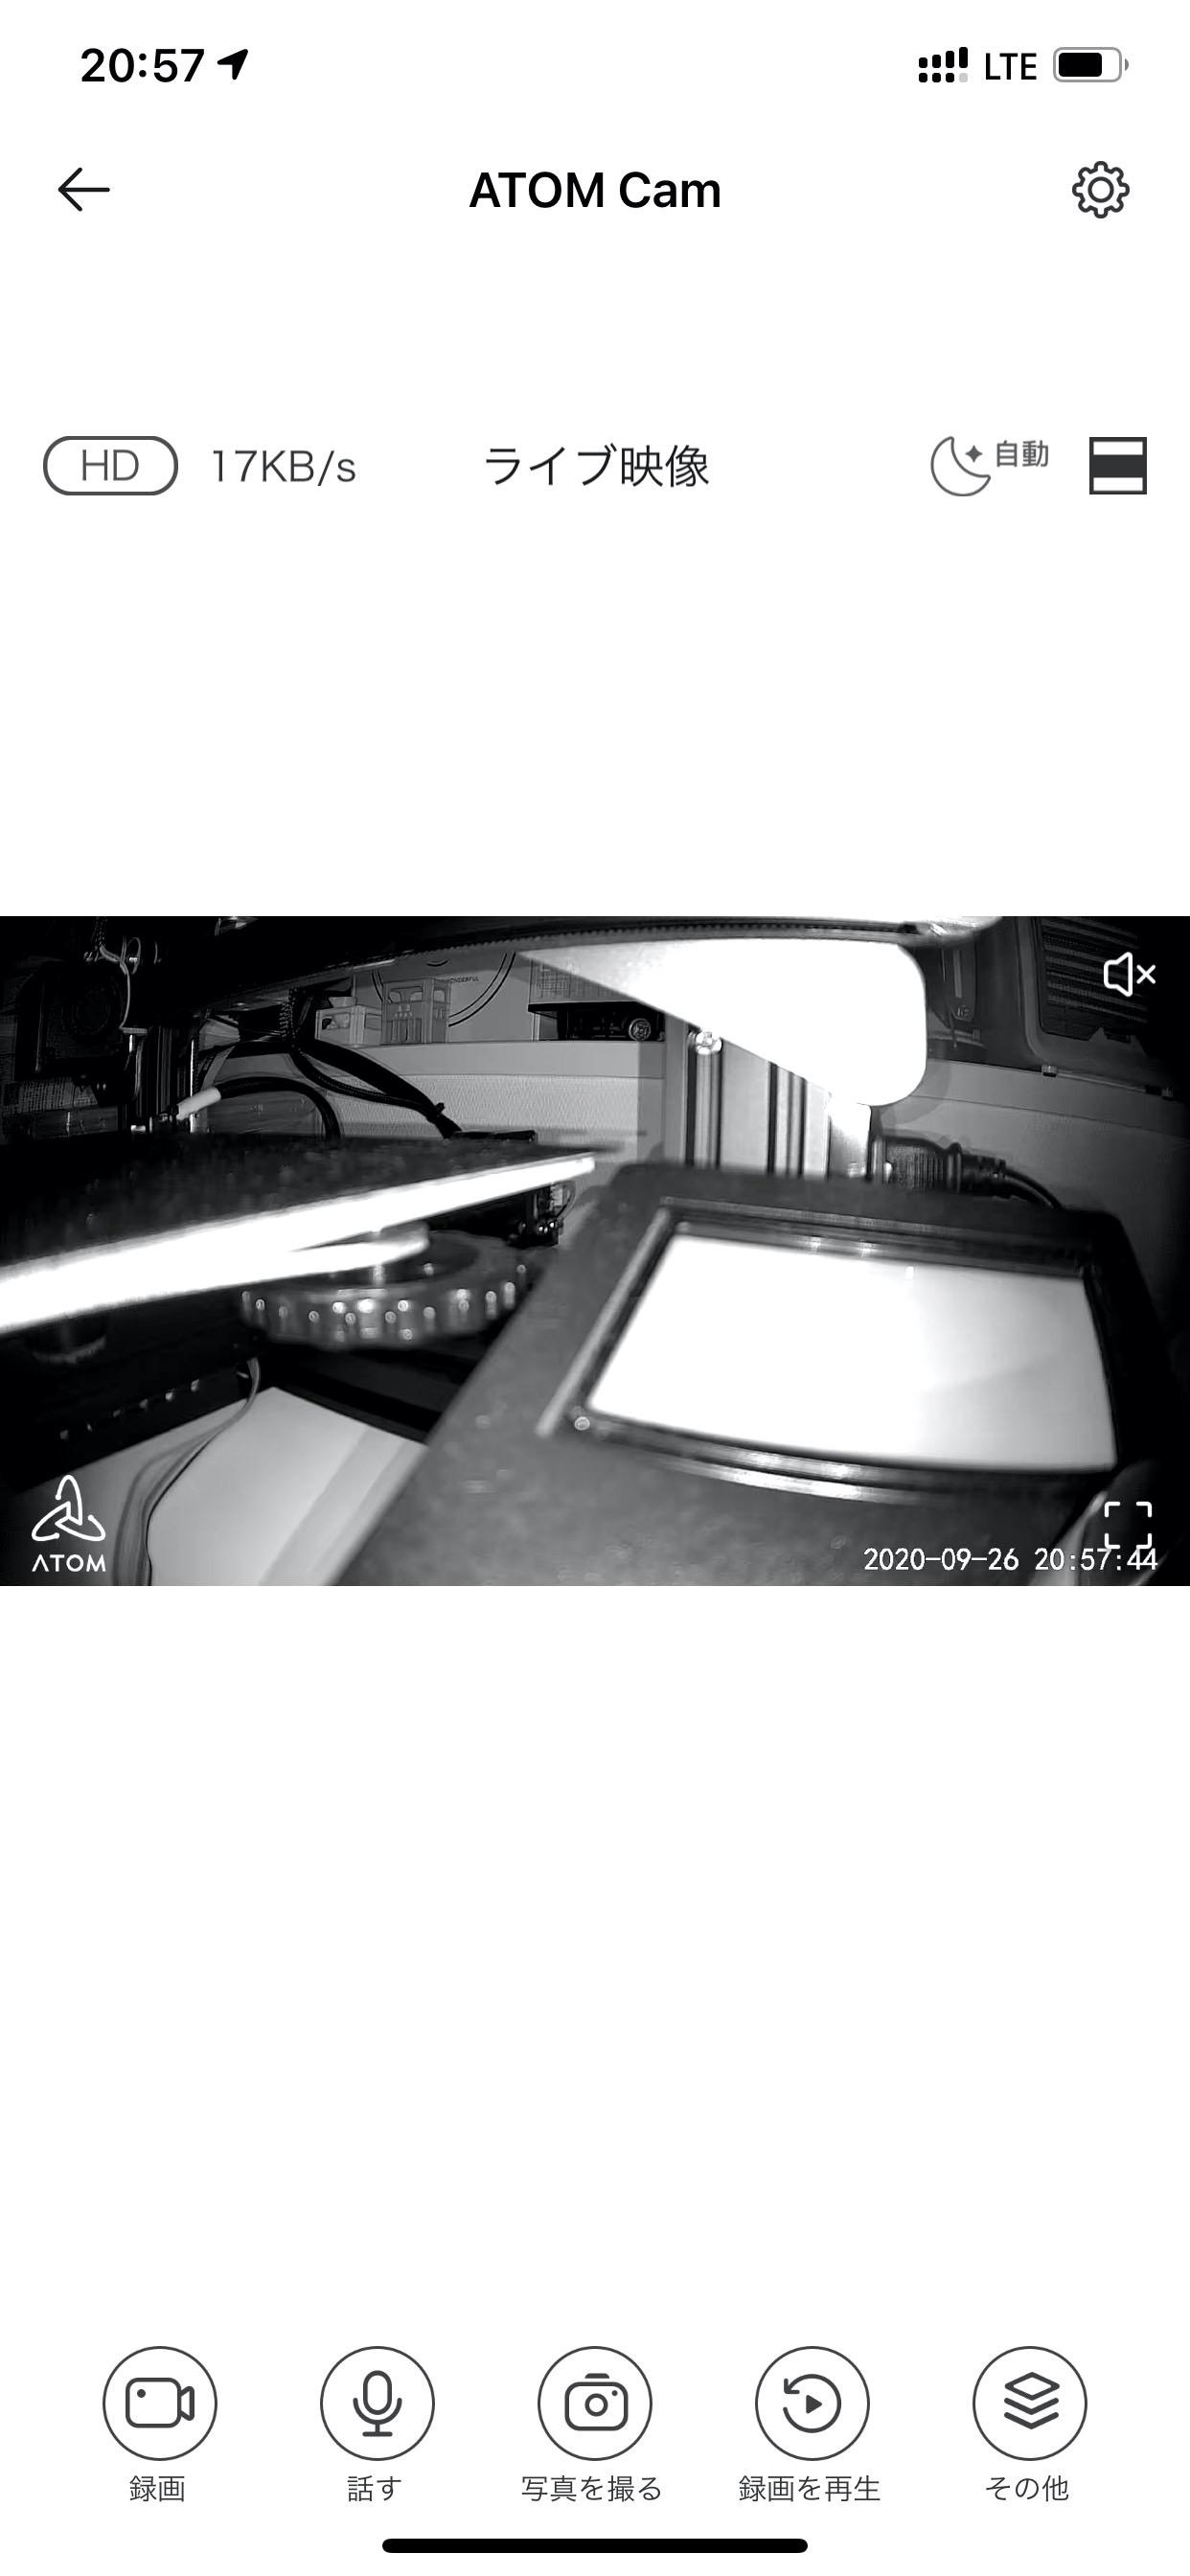 【3Dプリンター始めました】印刷の進捗を確認するのにATOM Camが便利!ついでにスマートプラグで電源管理も便利!